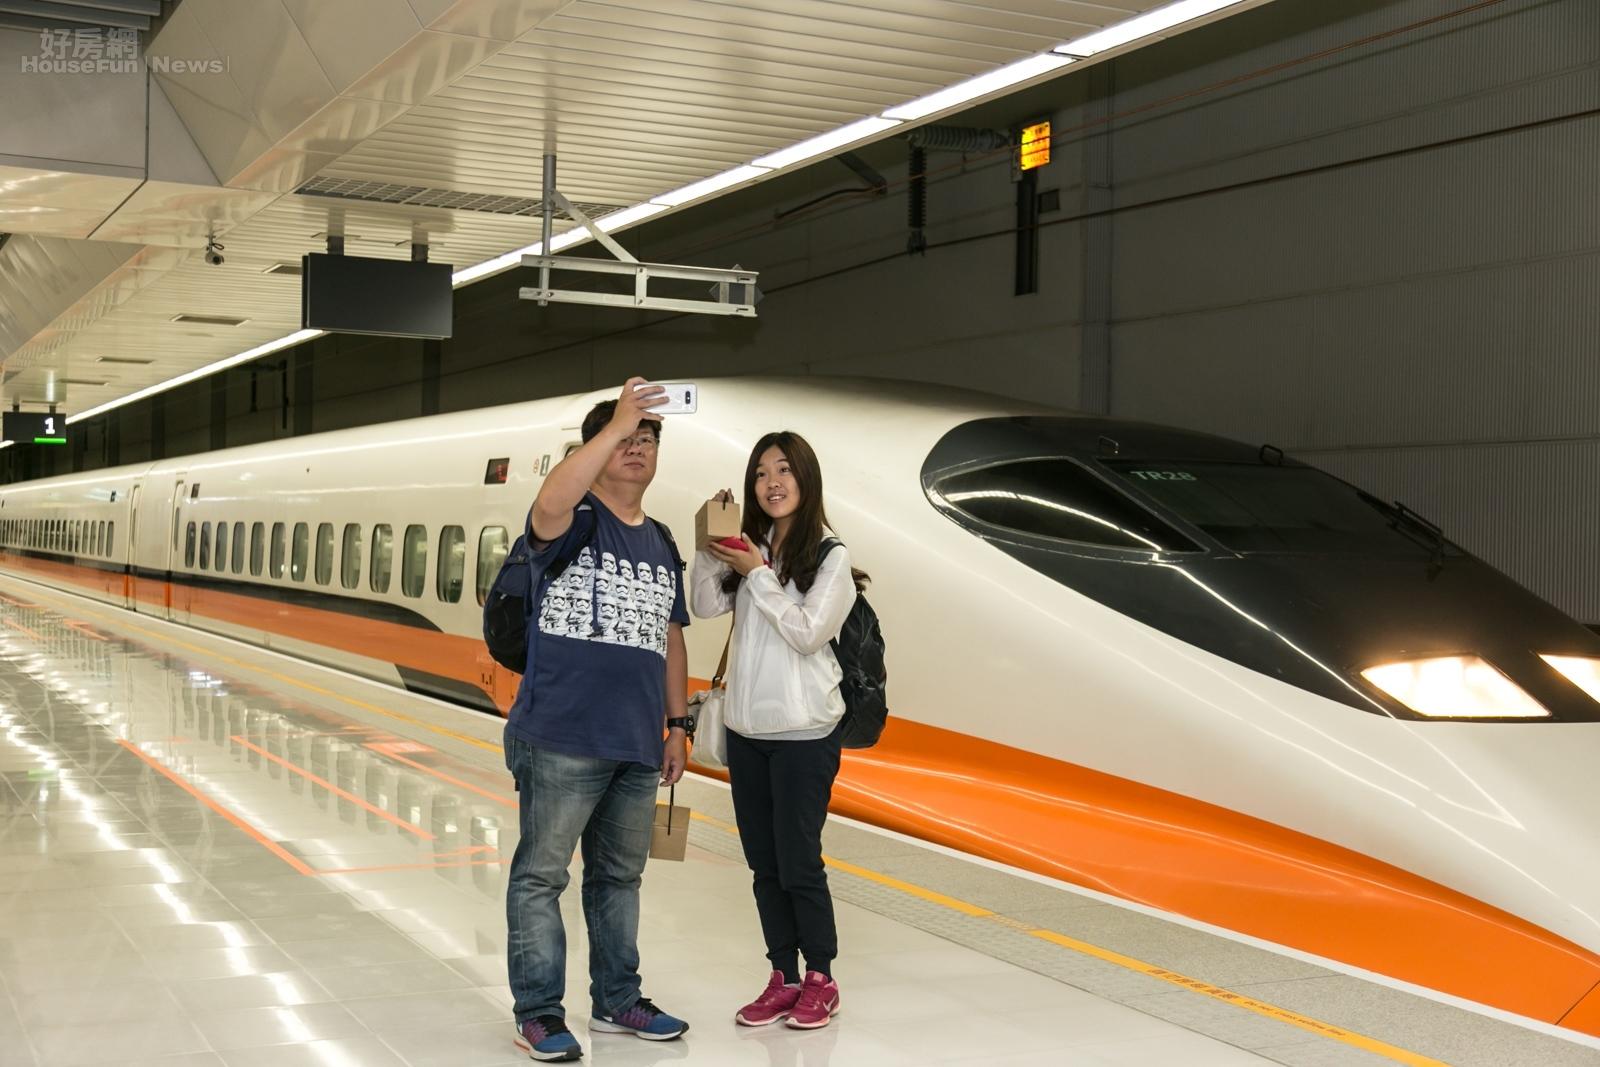 情侶開心的站在高鐵列車前合影,紀念也見證歷史的一刻。(好房網News記者張聖奕/攝)